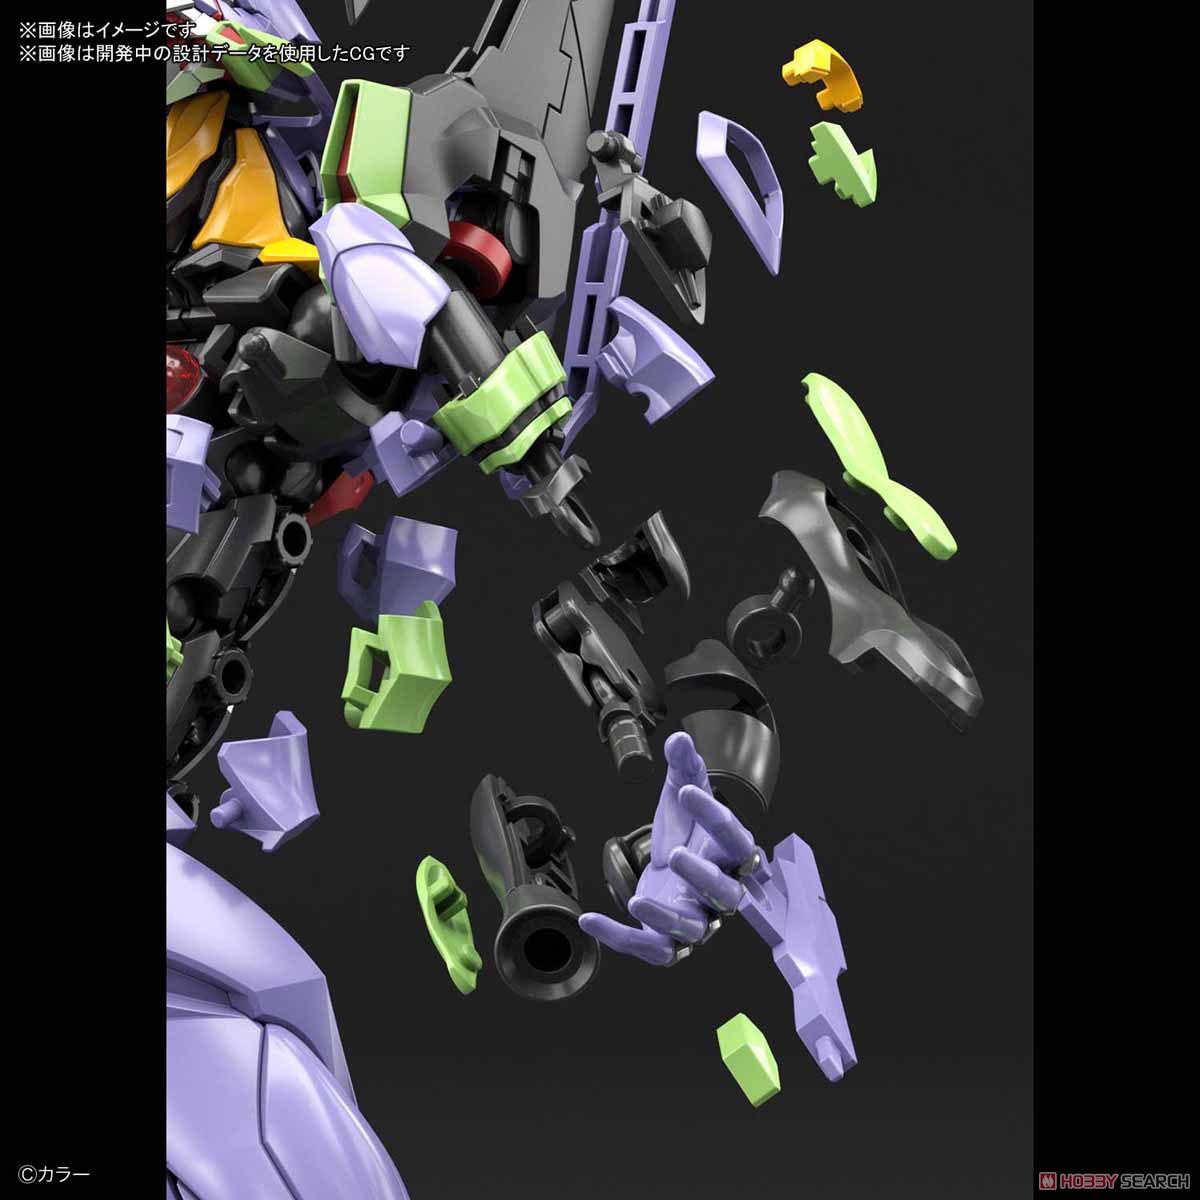 【8月再販】RG『汎用ヒト型決戦兵器 人造人間エヴァンゲリオン初号機』プラモデル-030